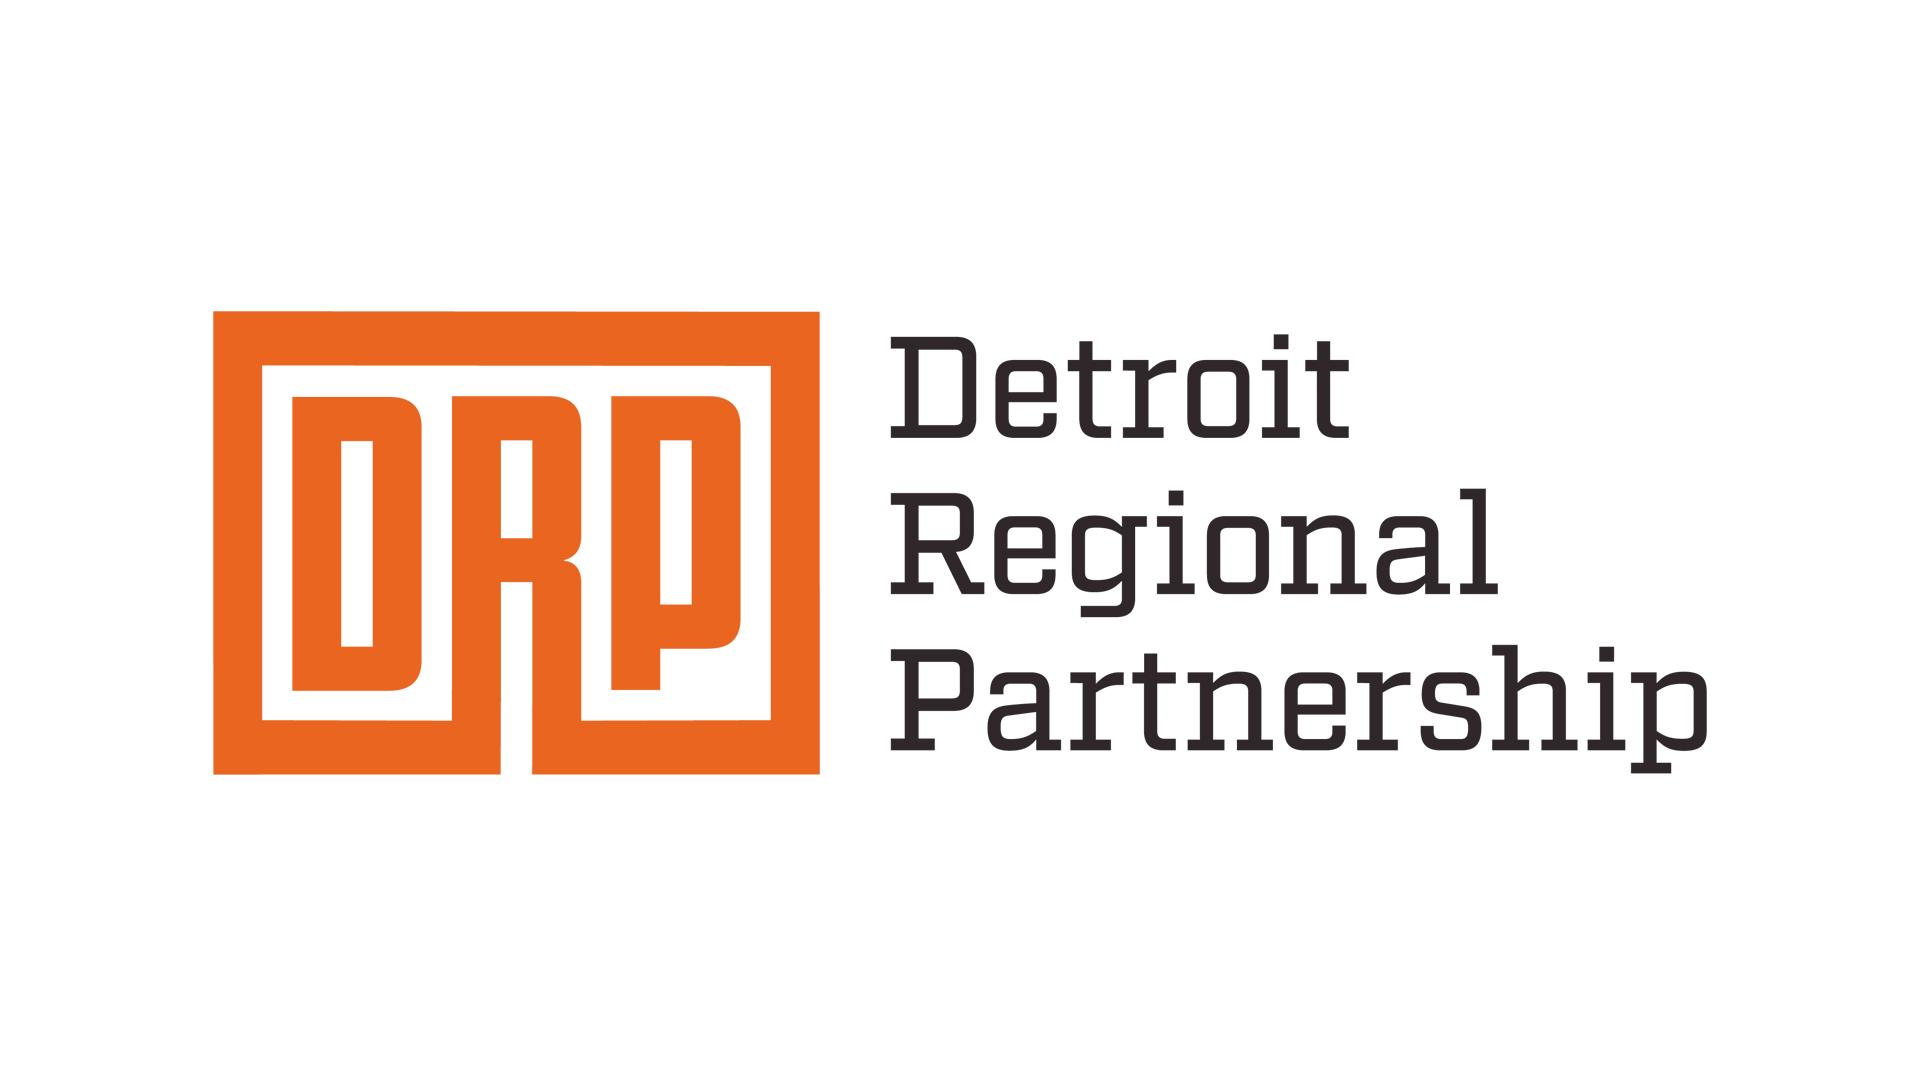 Detroit Regional Partnership